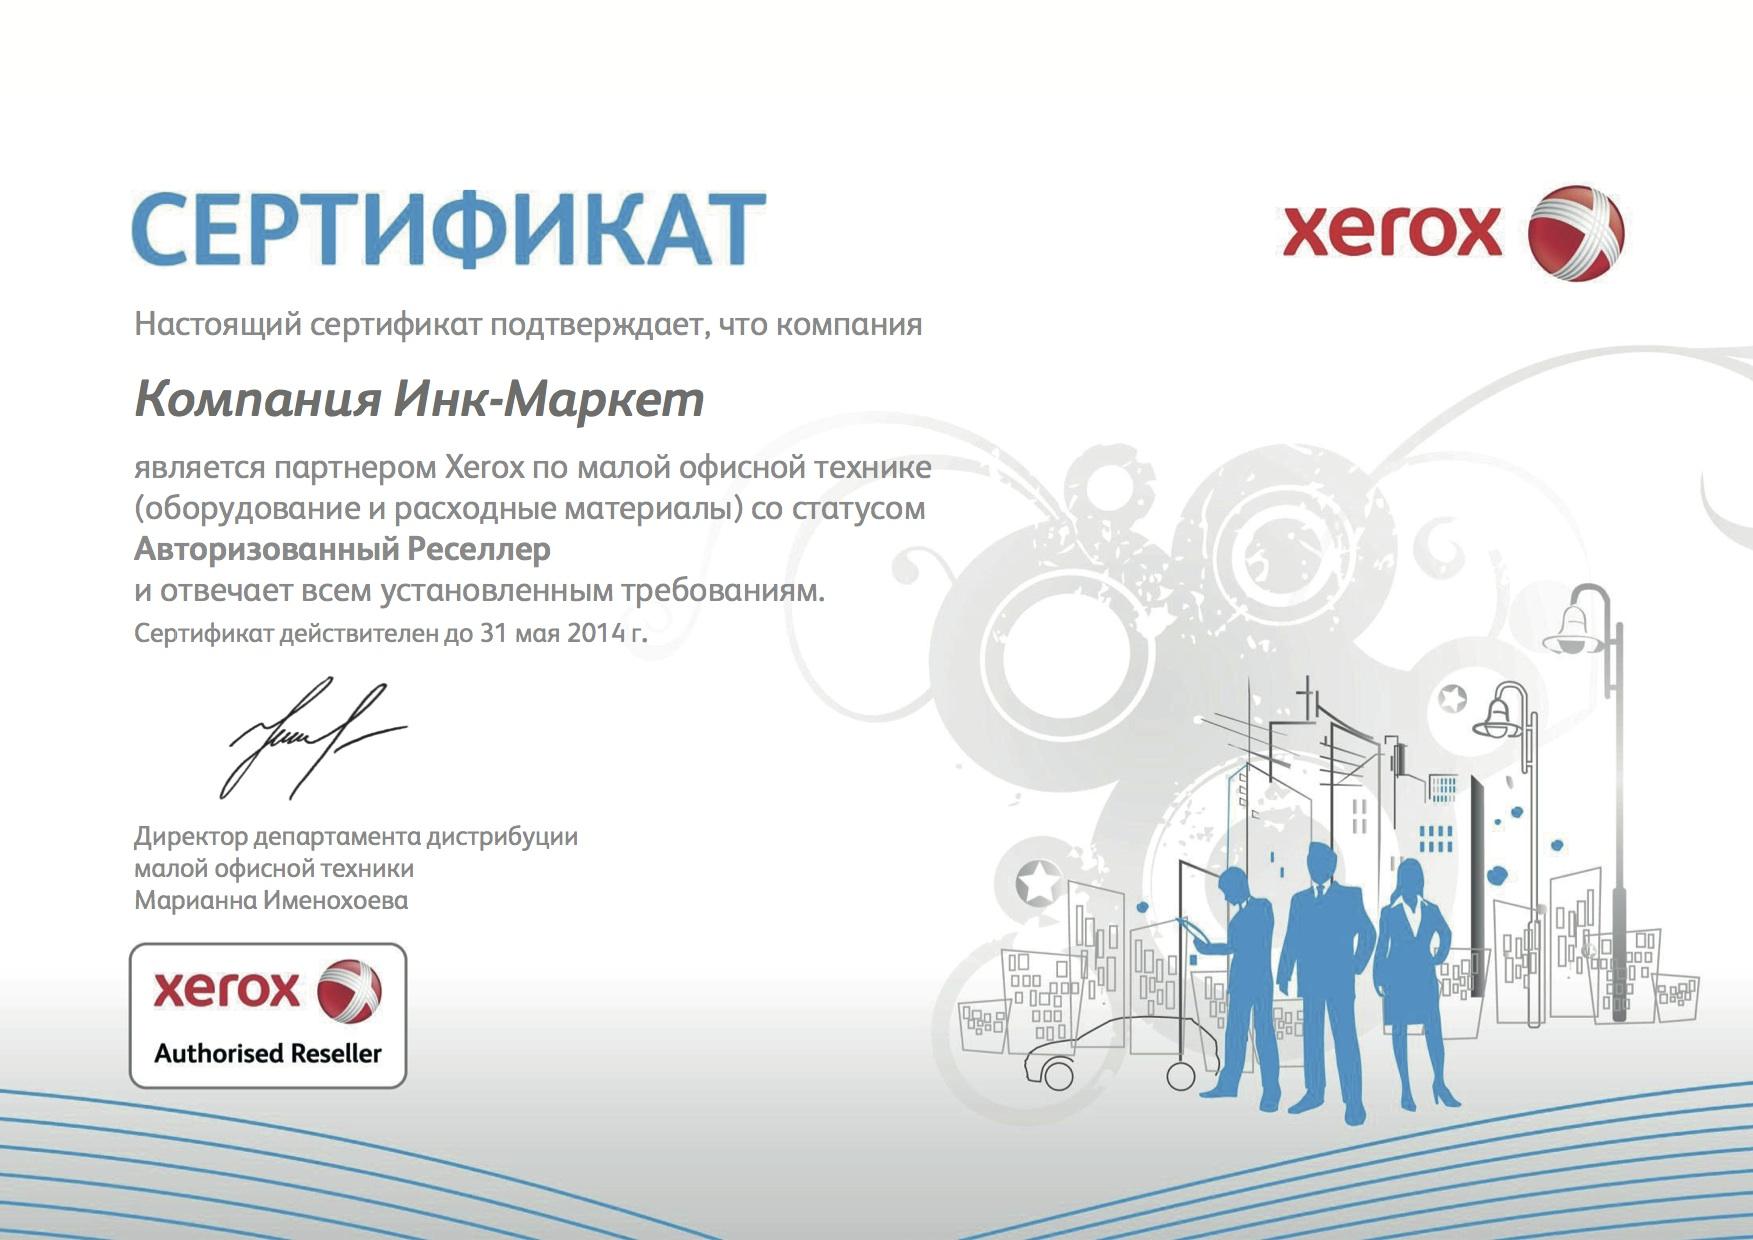 Наша компания в очередной раз подтвердила статус официального партнера корпорации Ксерокс по печатной технике и расходным материалам.